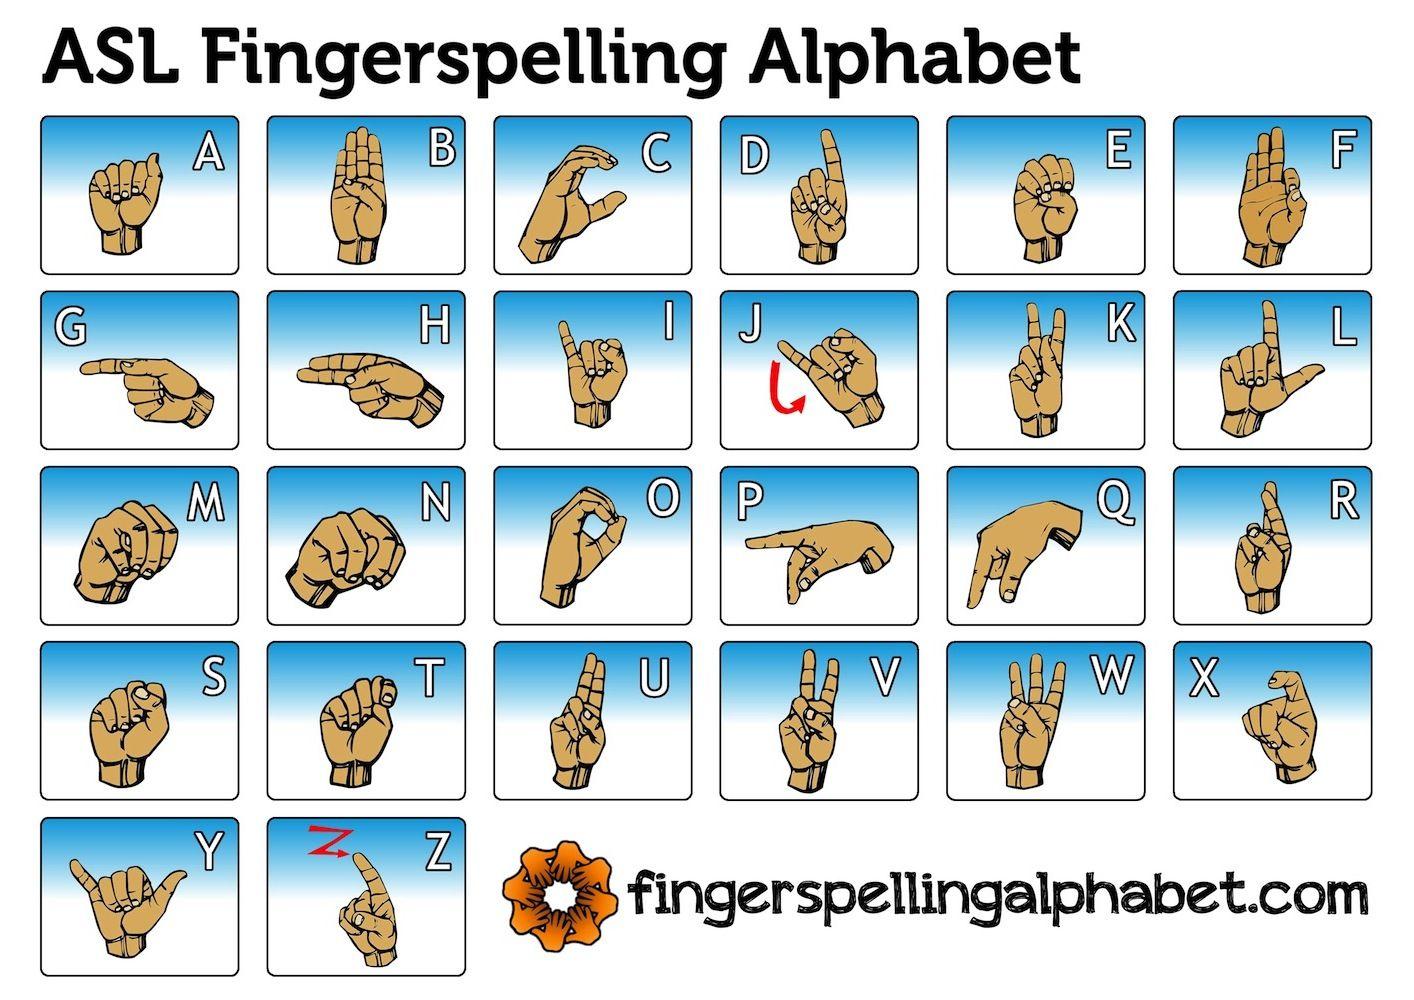 Asl fingerspelling alphabet sign language figures to make